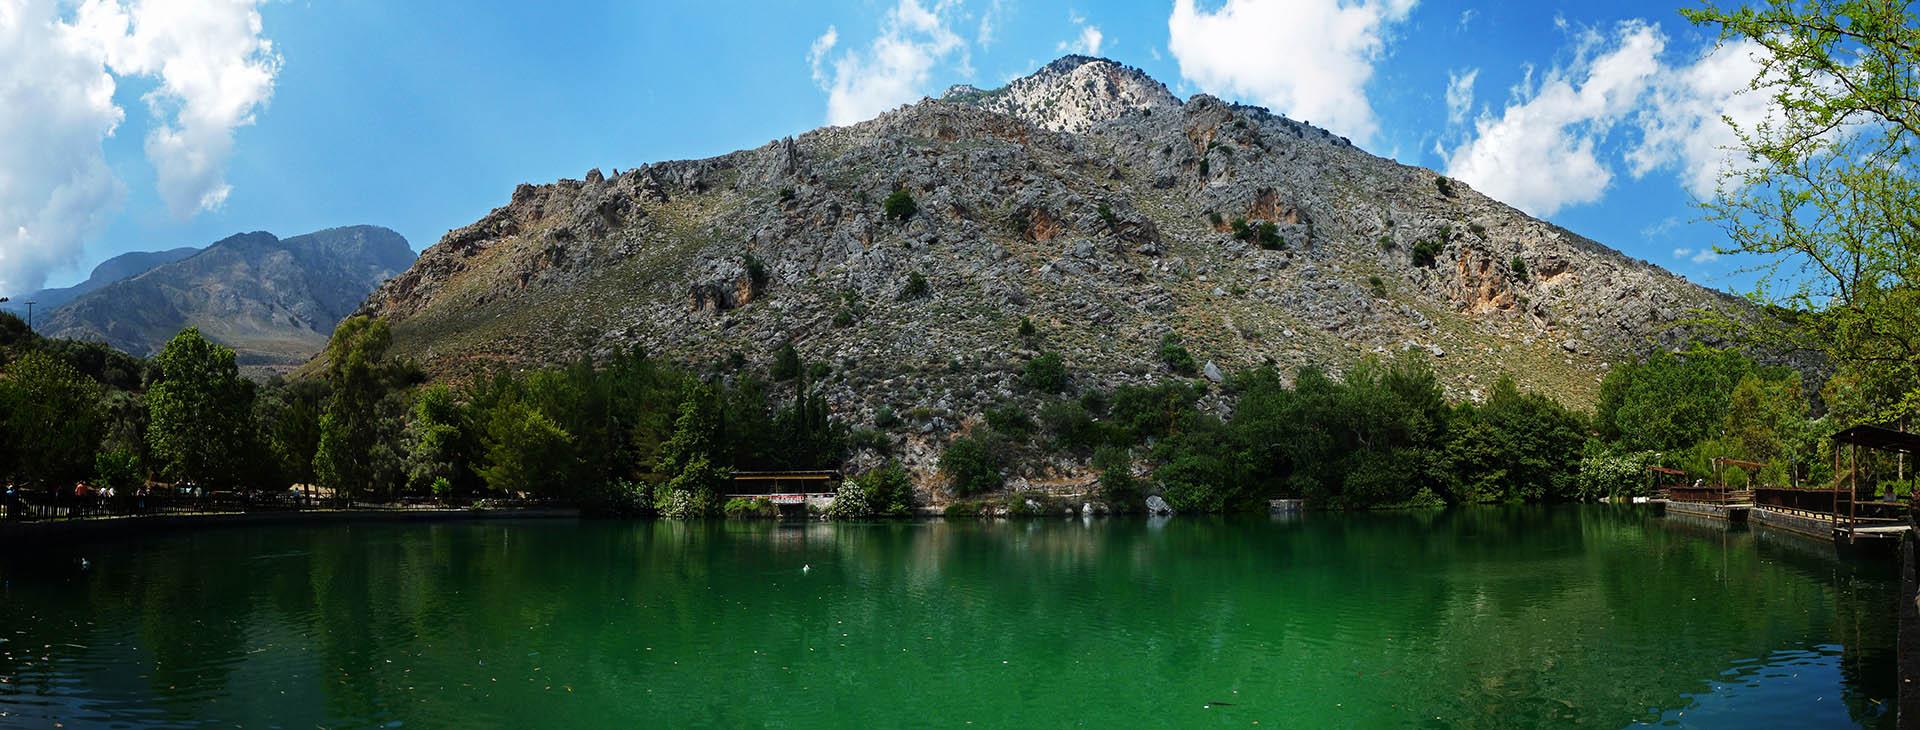 Zaros lake, Heraklion